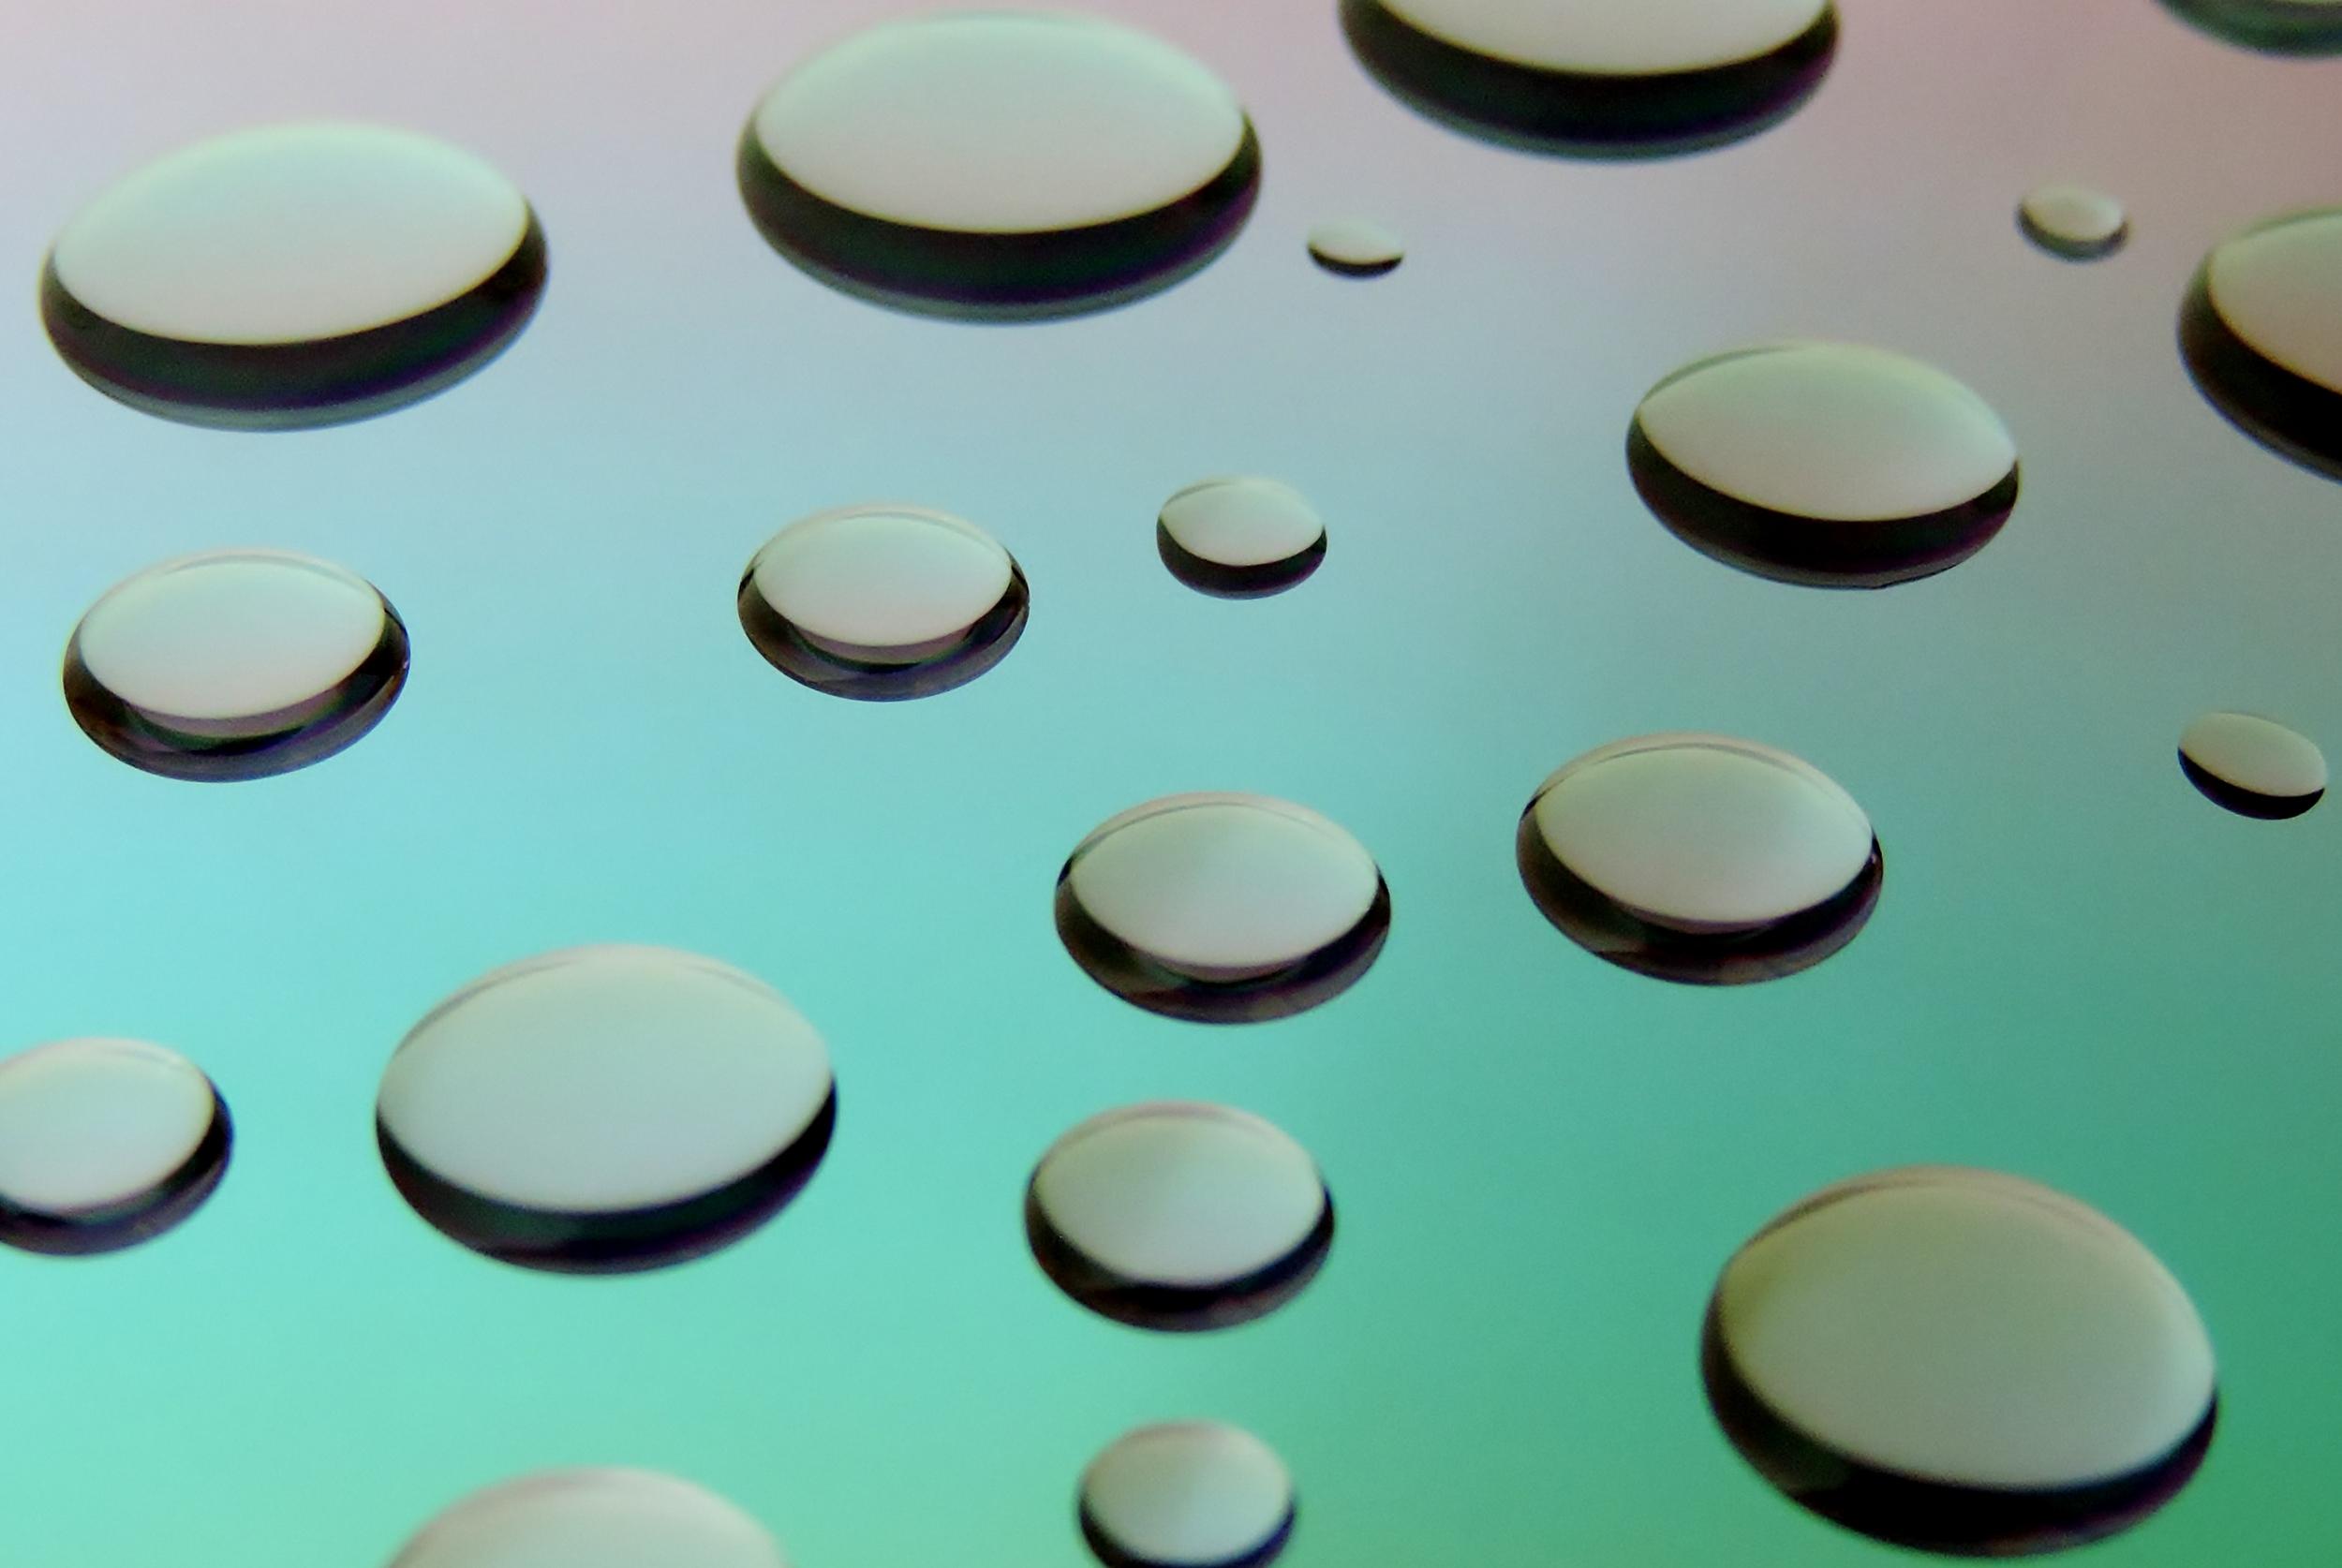 Floating droplets